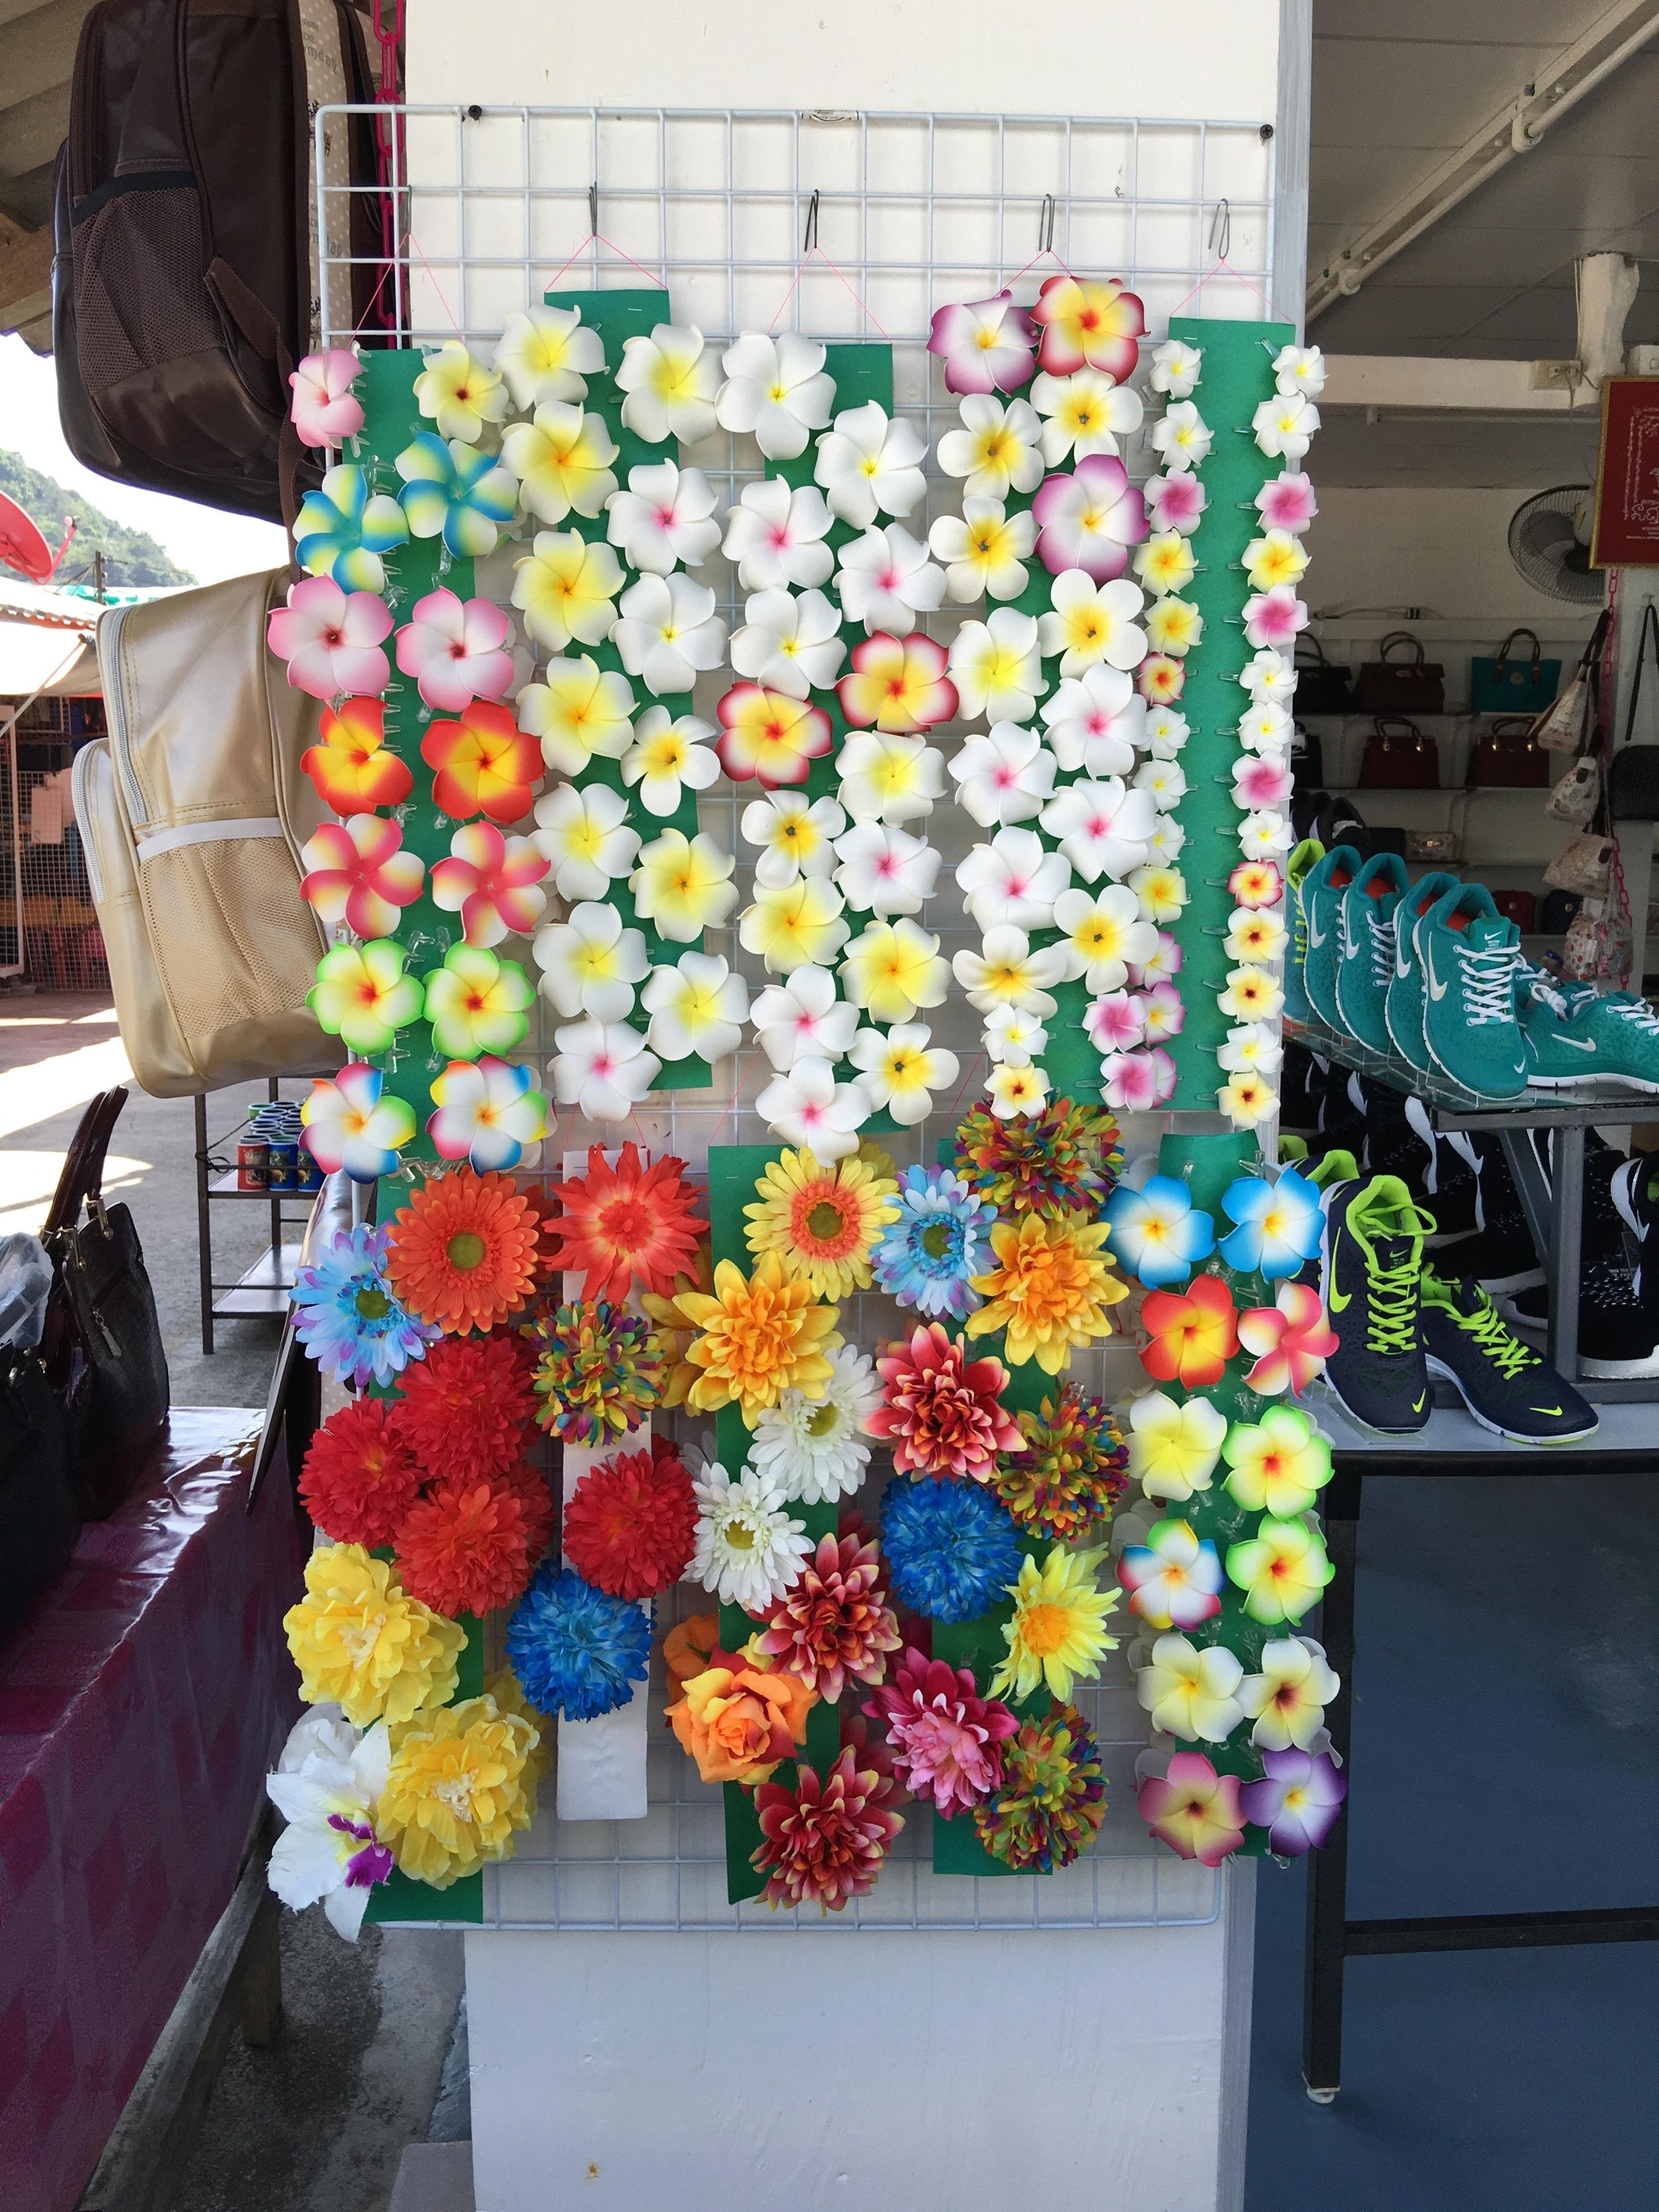 a weird artificial flower display